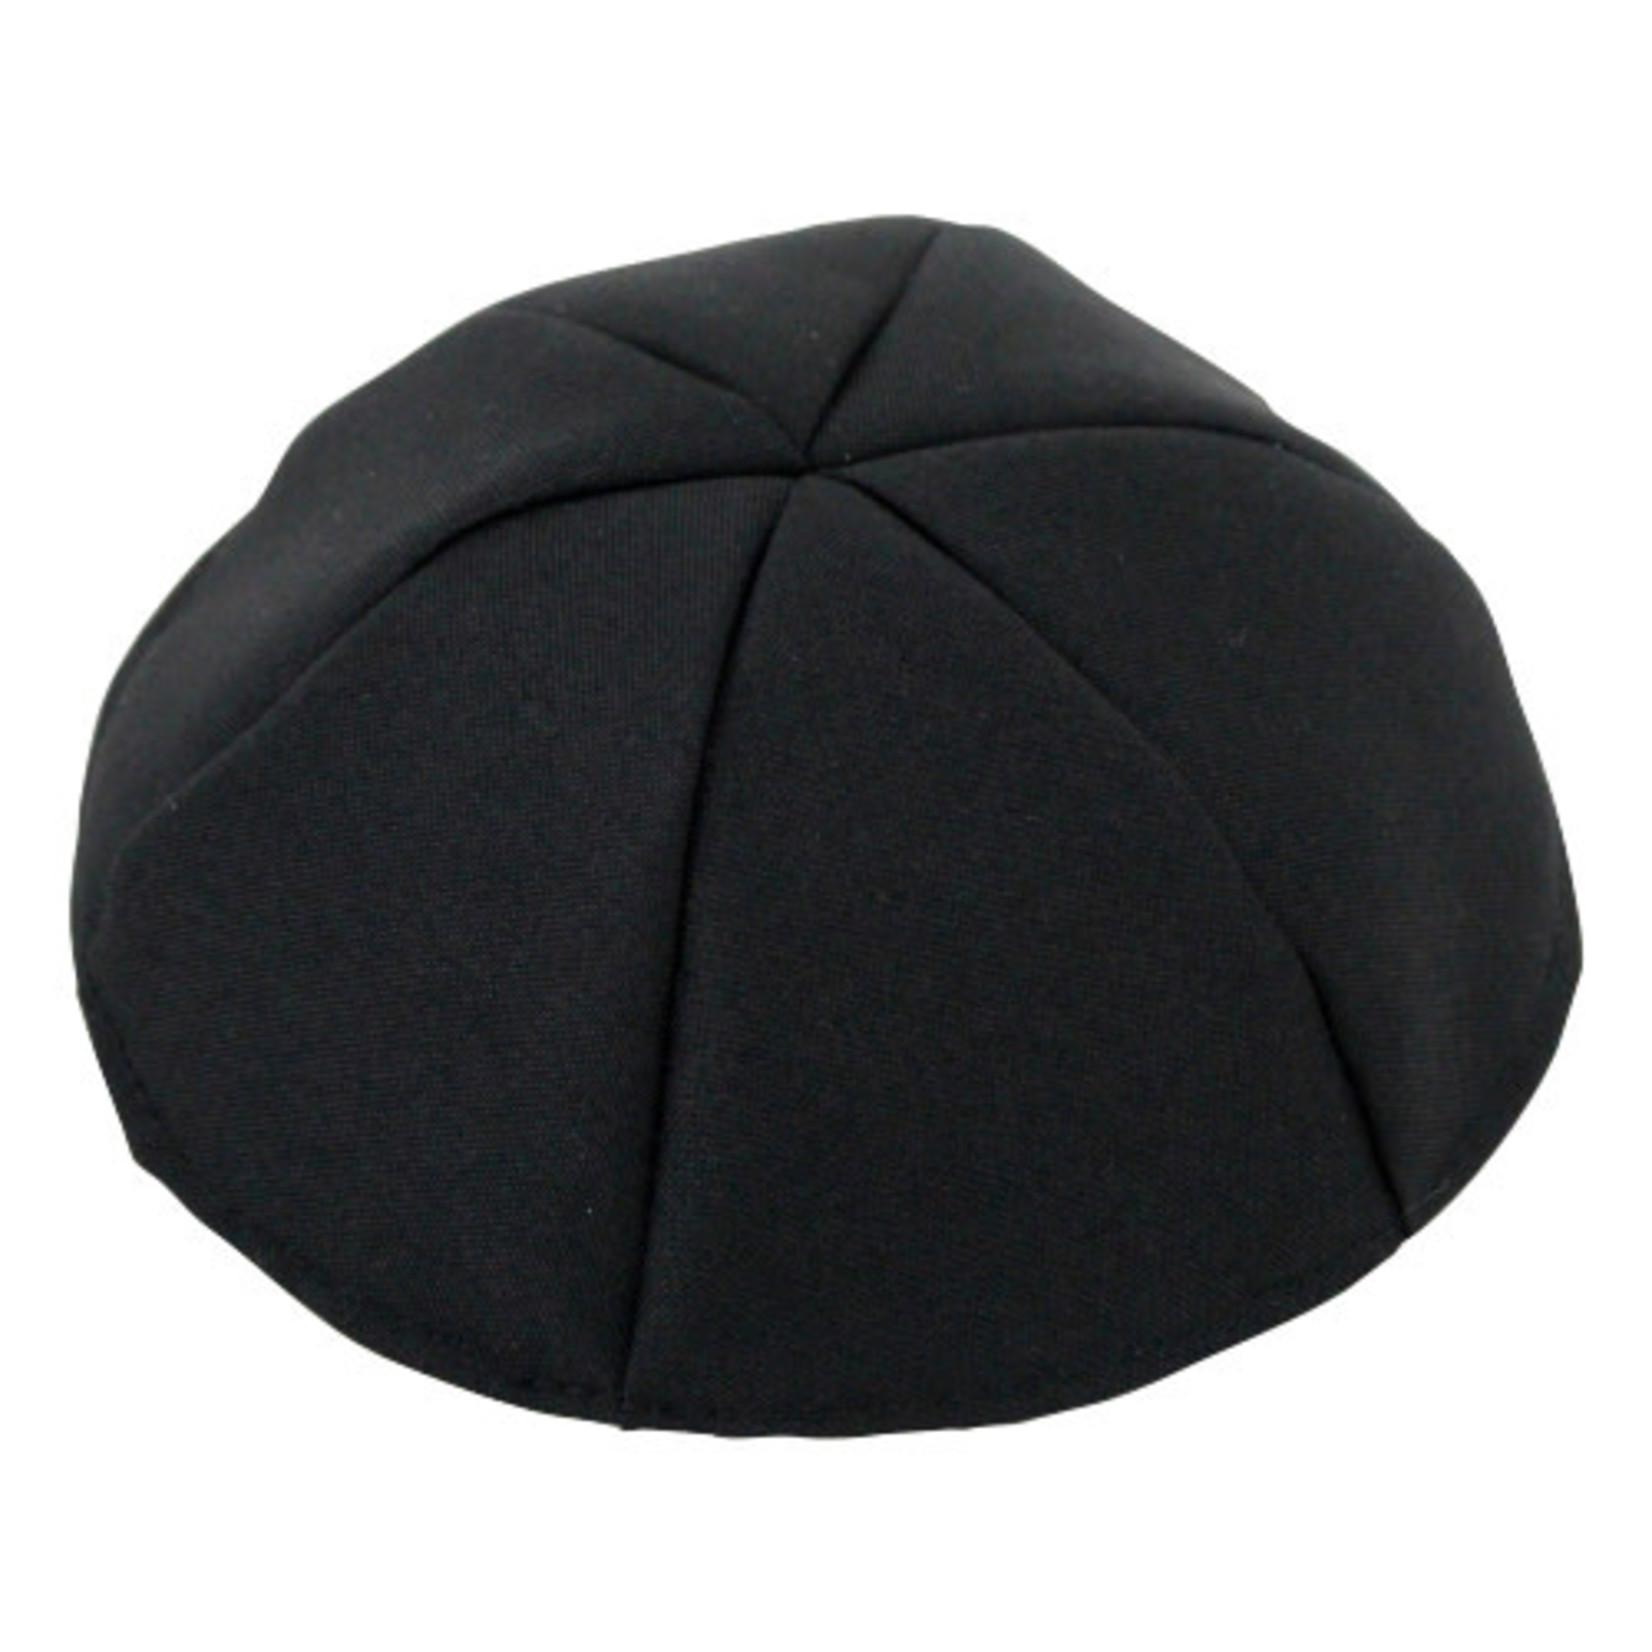 Terylene Kippah, Black, Size 7